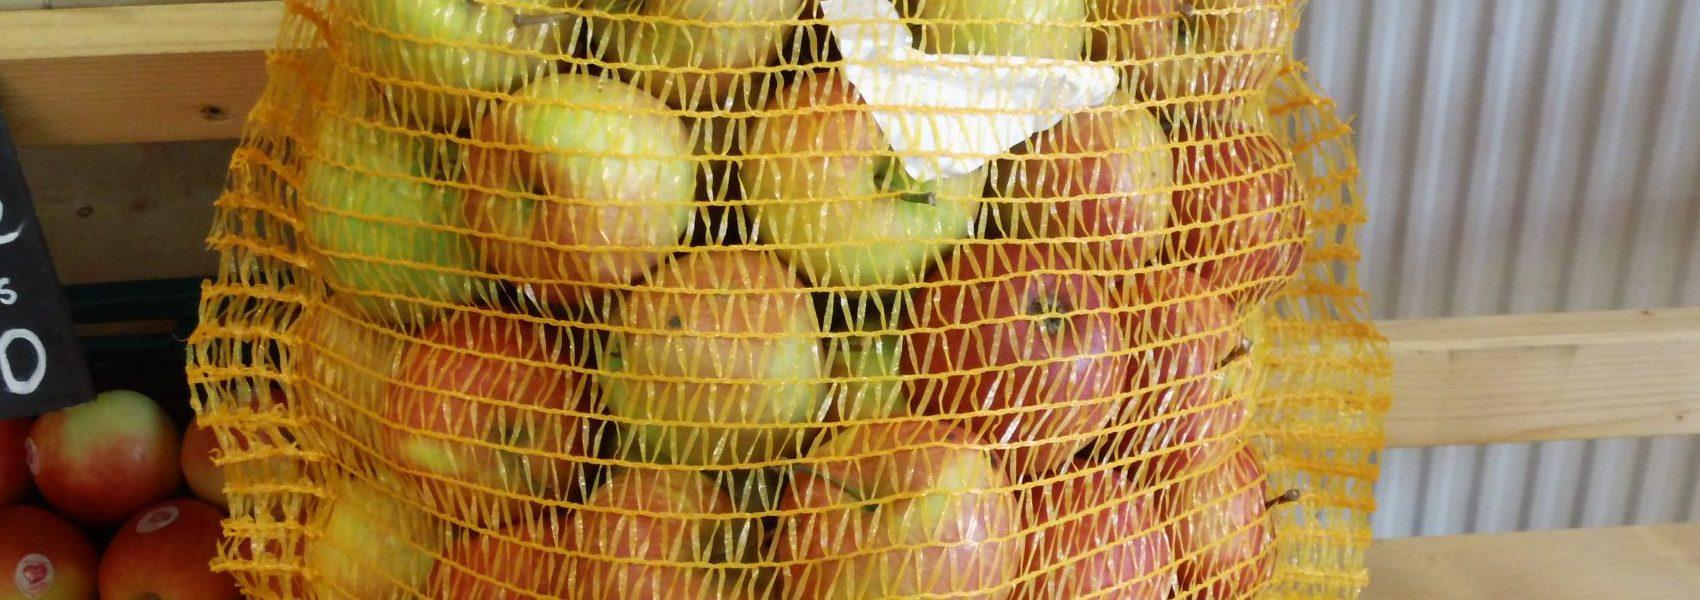 Futteräpfel